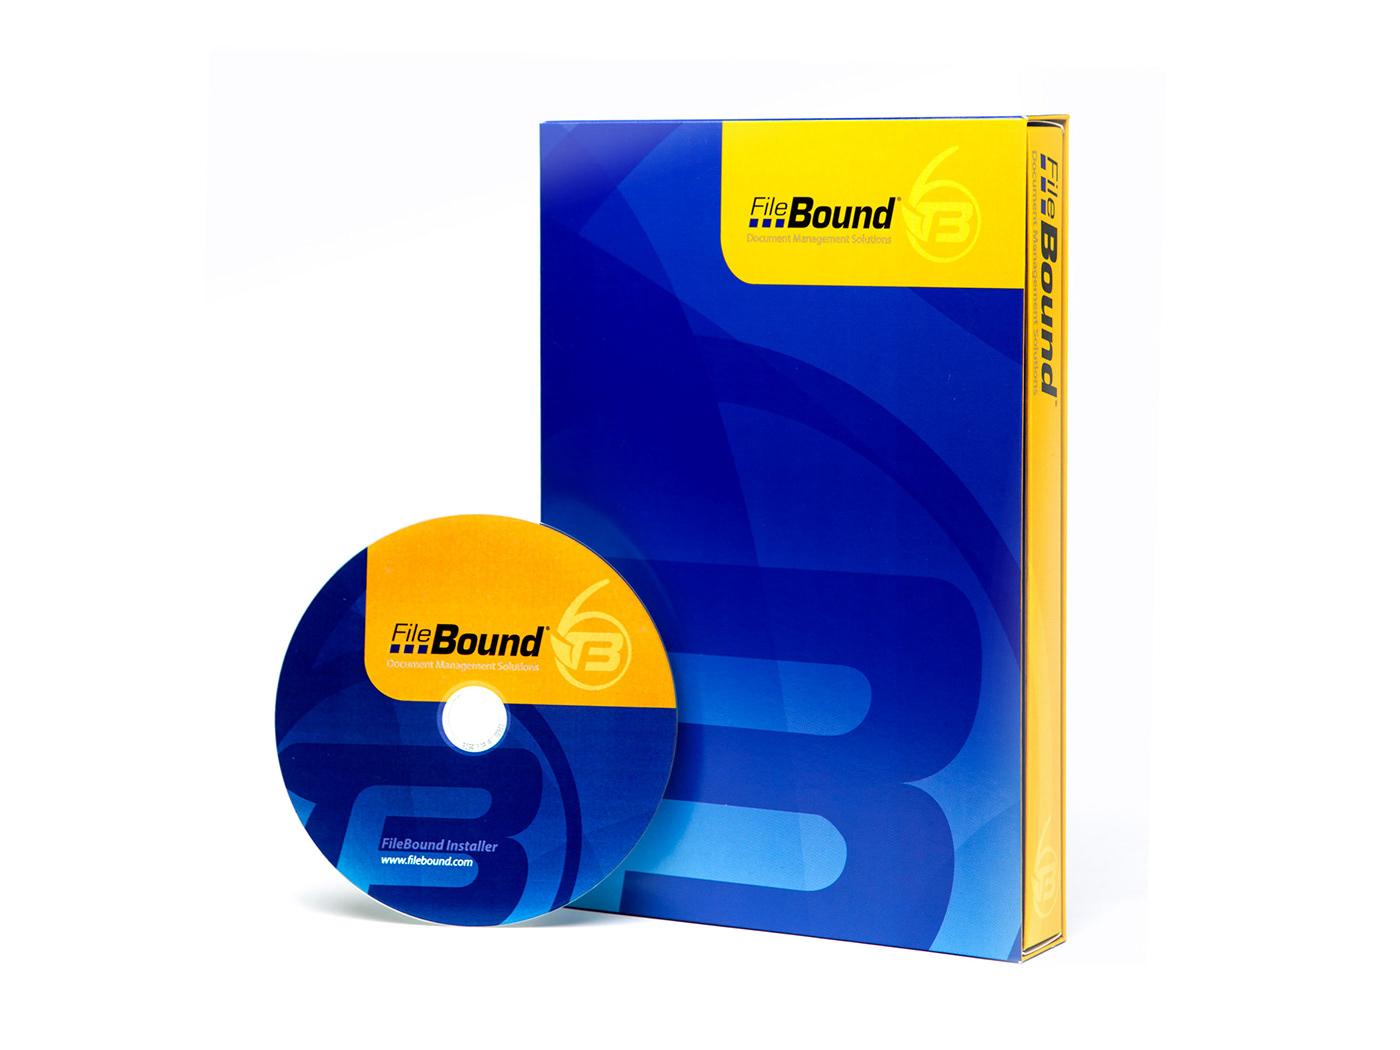 FileBound 6 Packaging